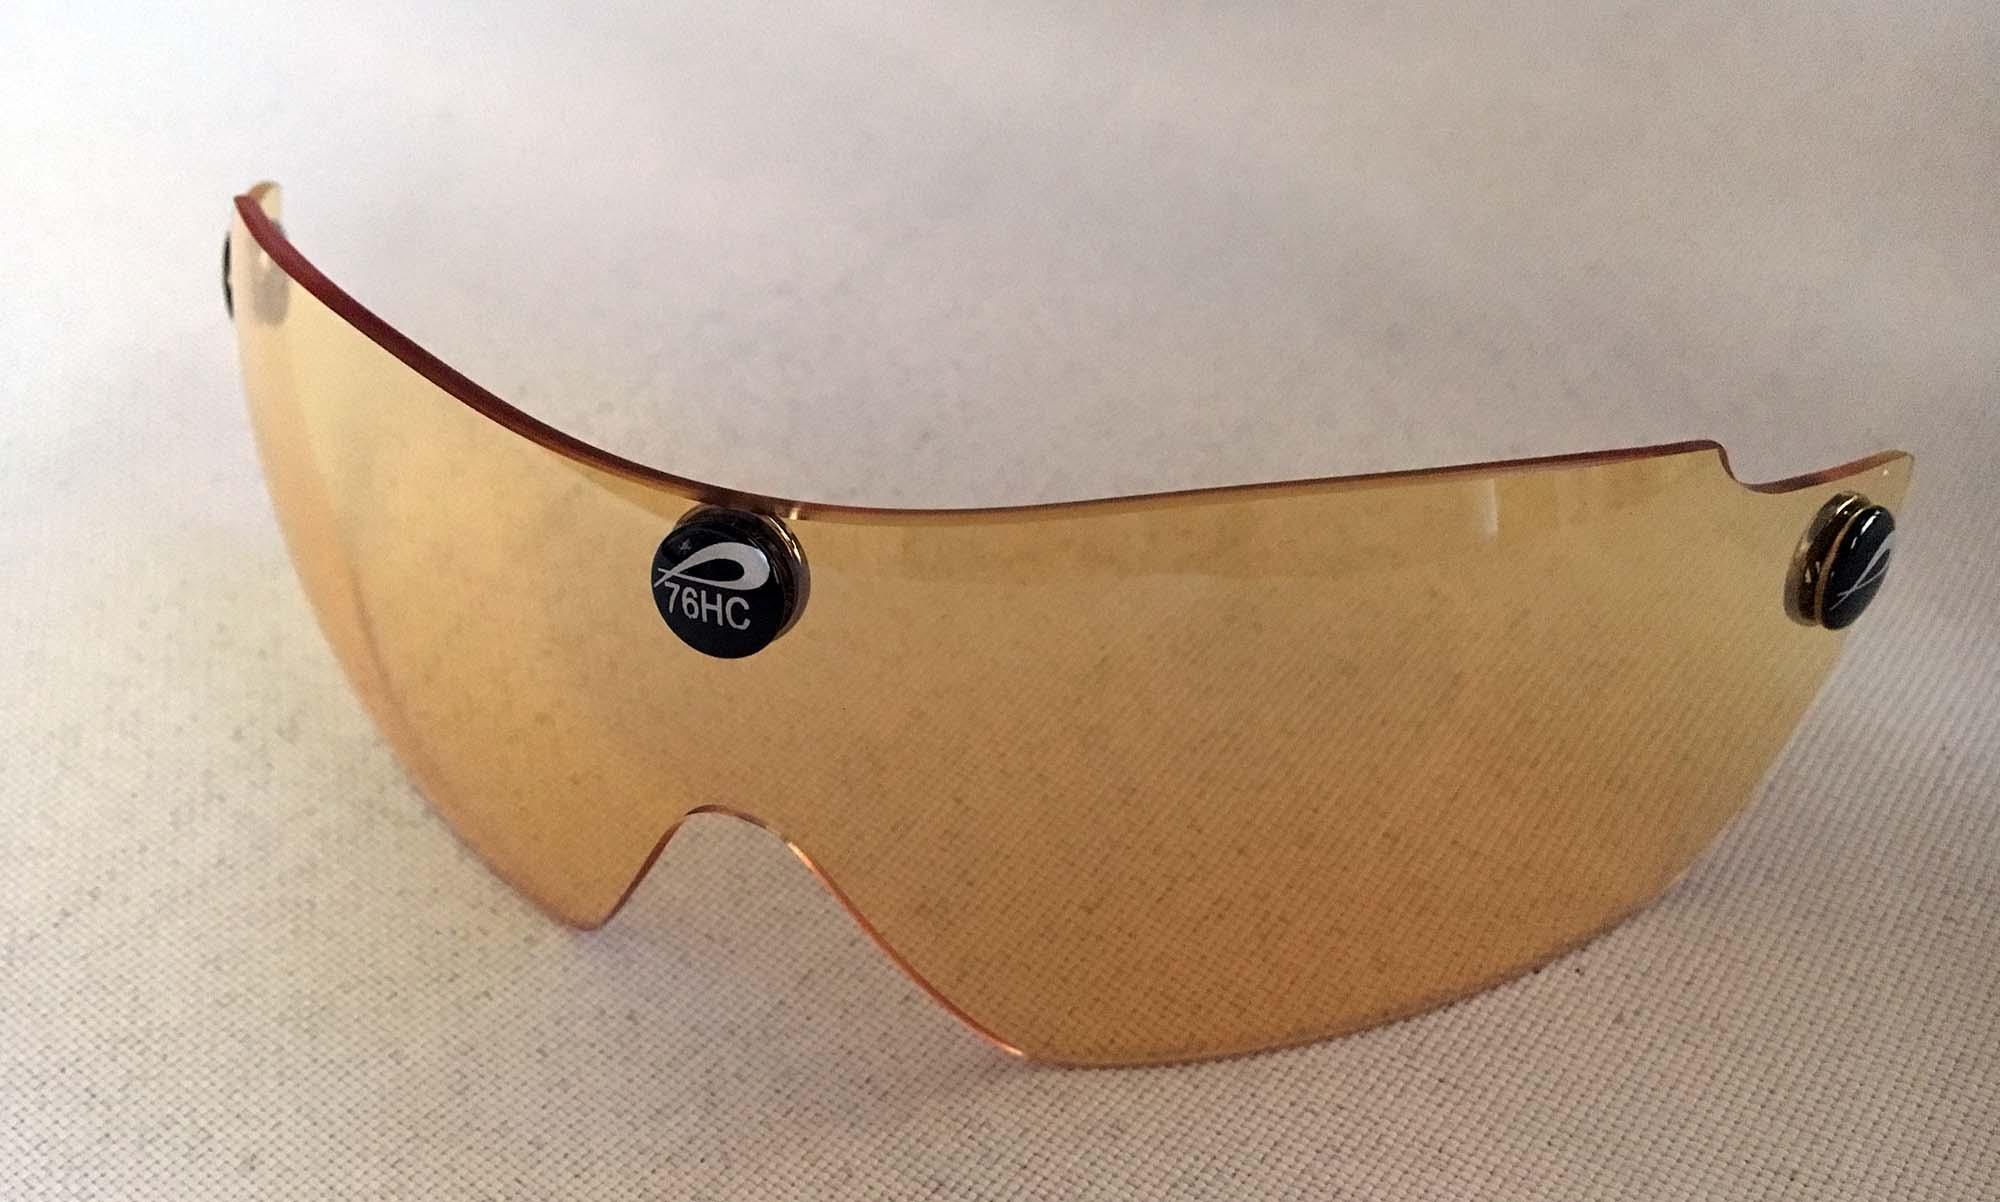 Occhiali per il tiro a volo accessori for Occhiali da tiro a volo zeiss